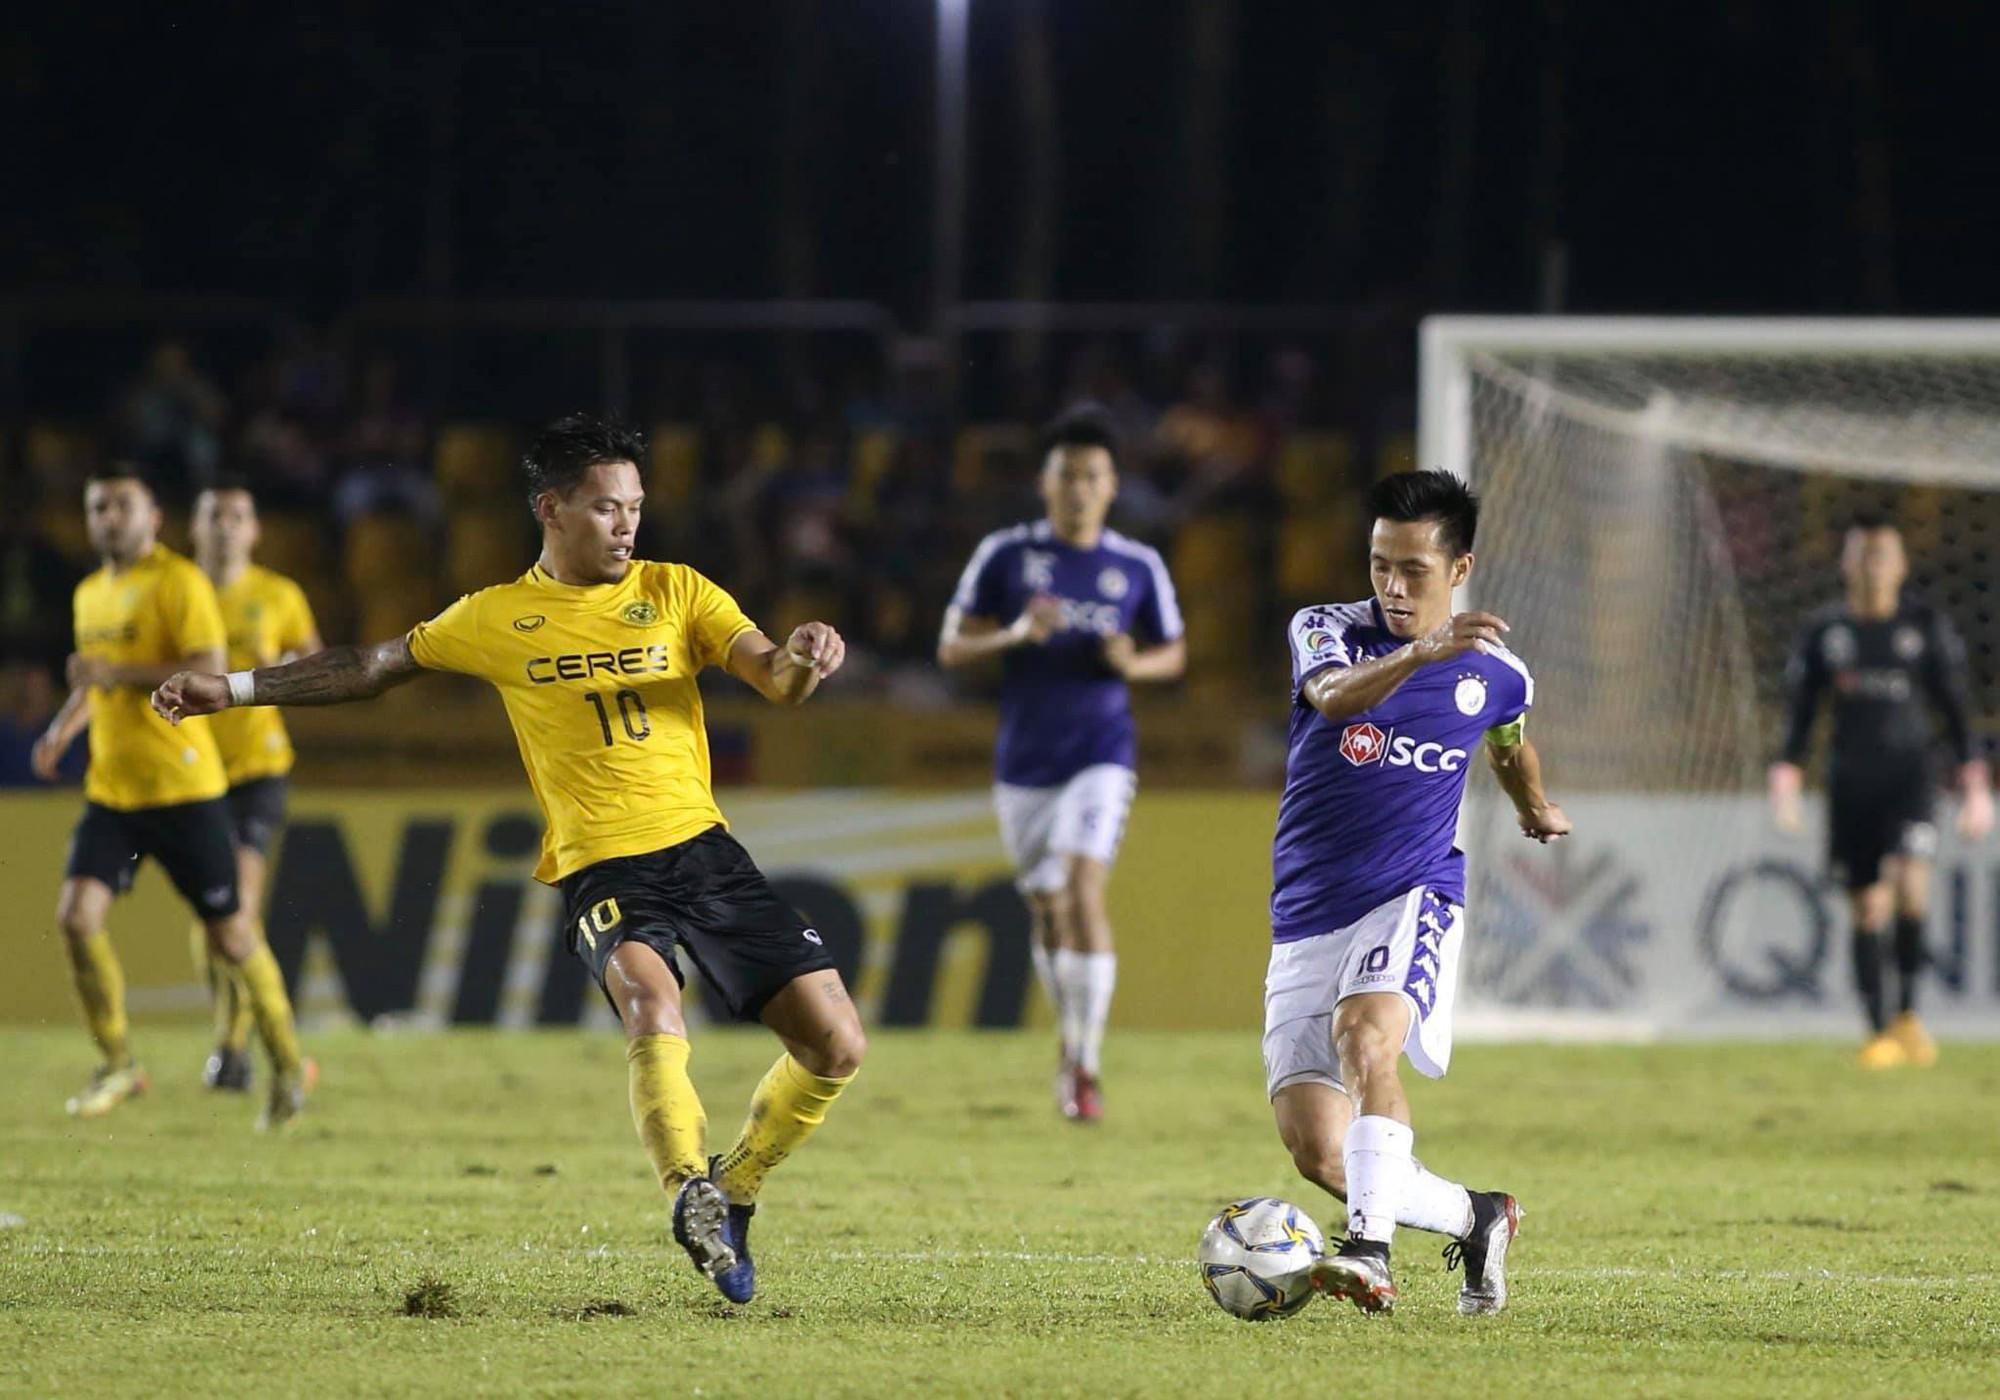 Hà Nội FC cầm hoà kịch tính Ceres Negros, sáng cửa vào chung kết AFC Cup 2019 - Ảnh 1.